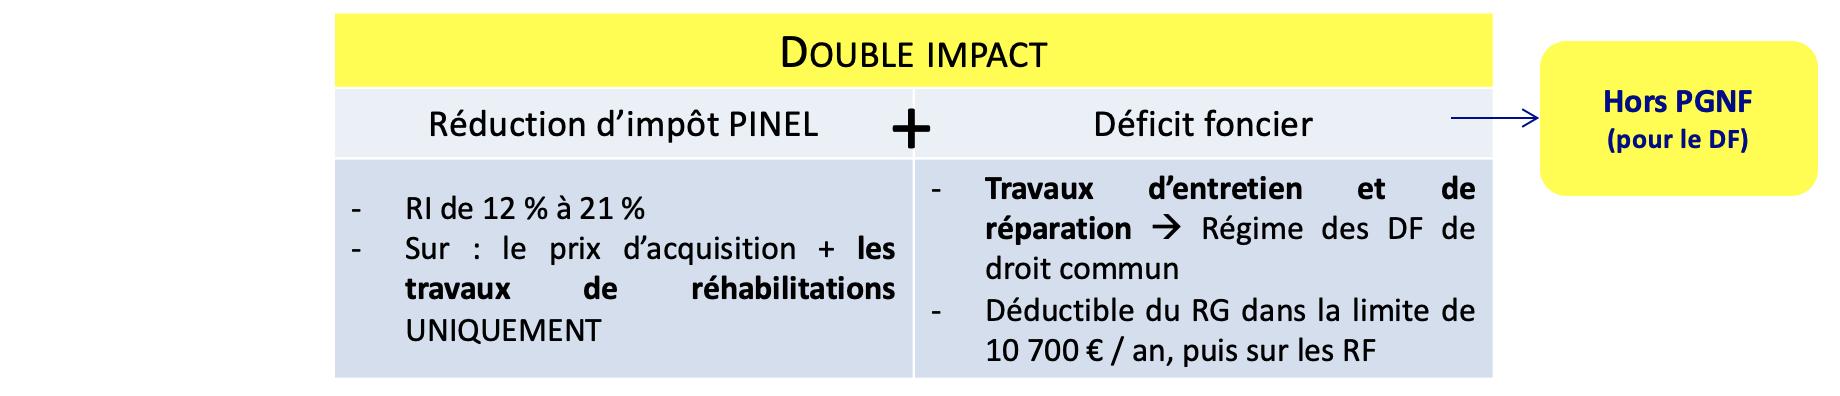 Pinel Optimise Deficit Foncier